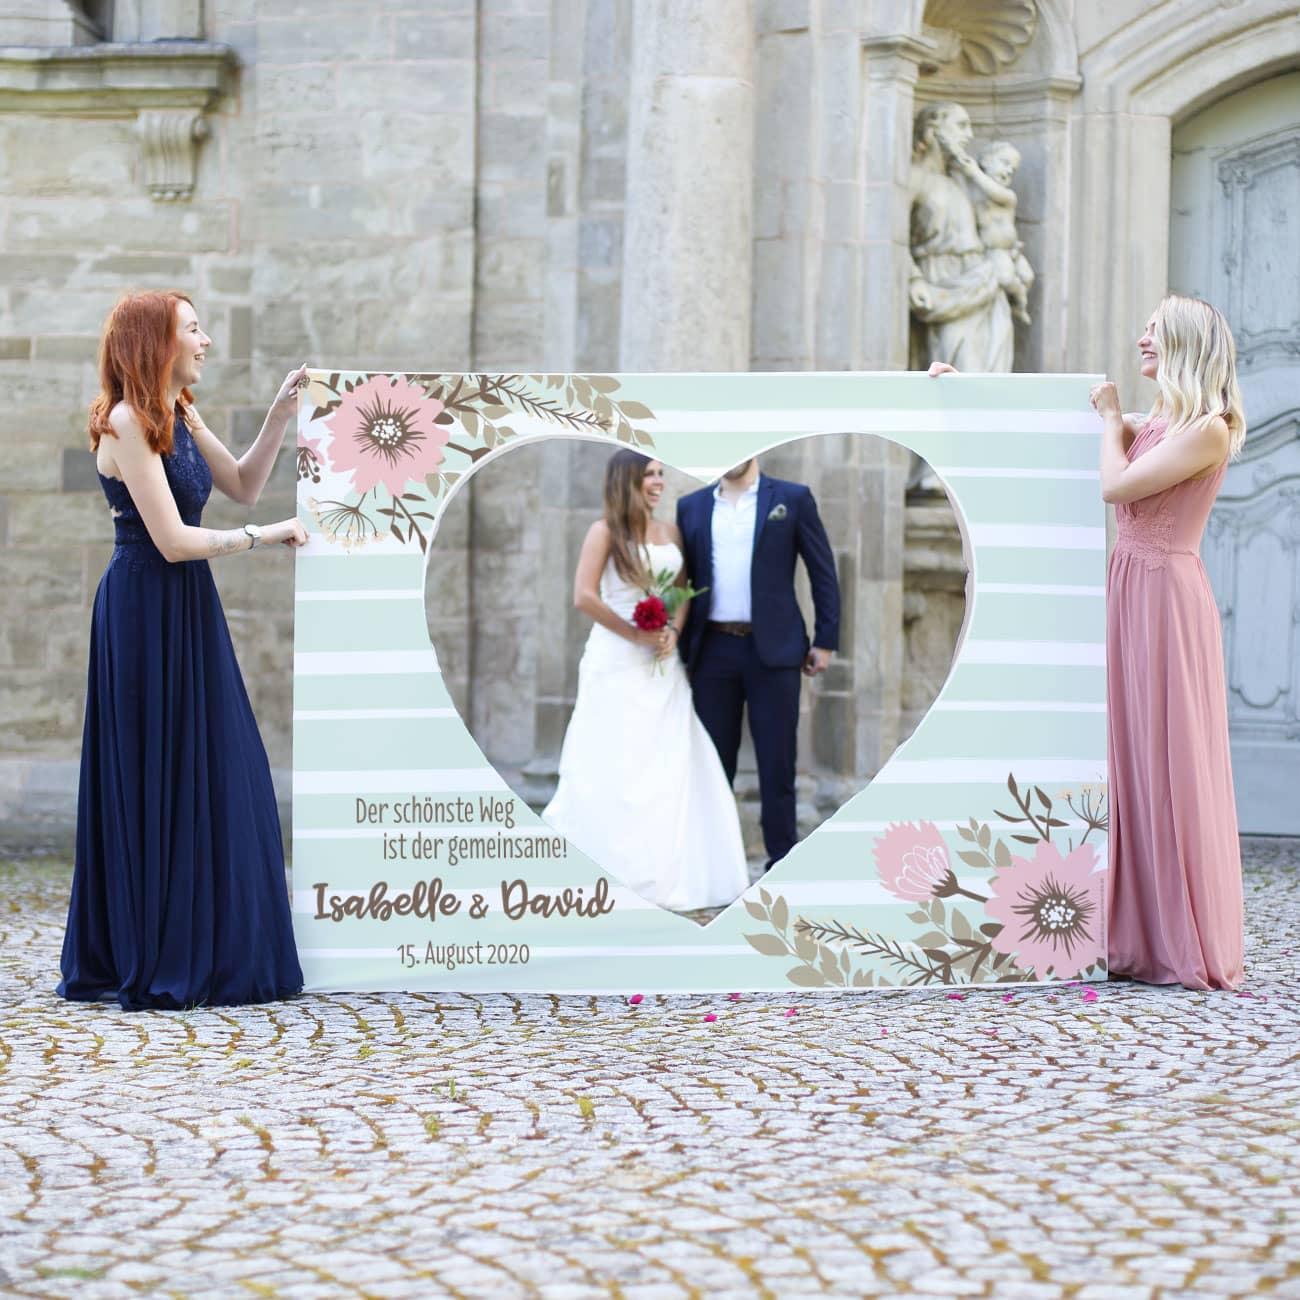 Hochzeit herz spruch ausschneiden Hochzeitsbräuche und